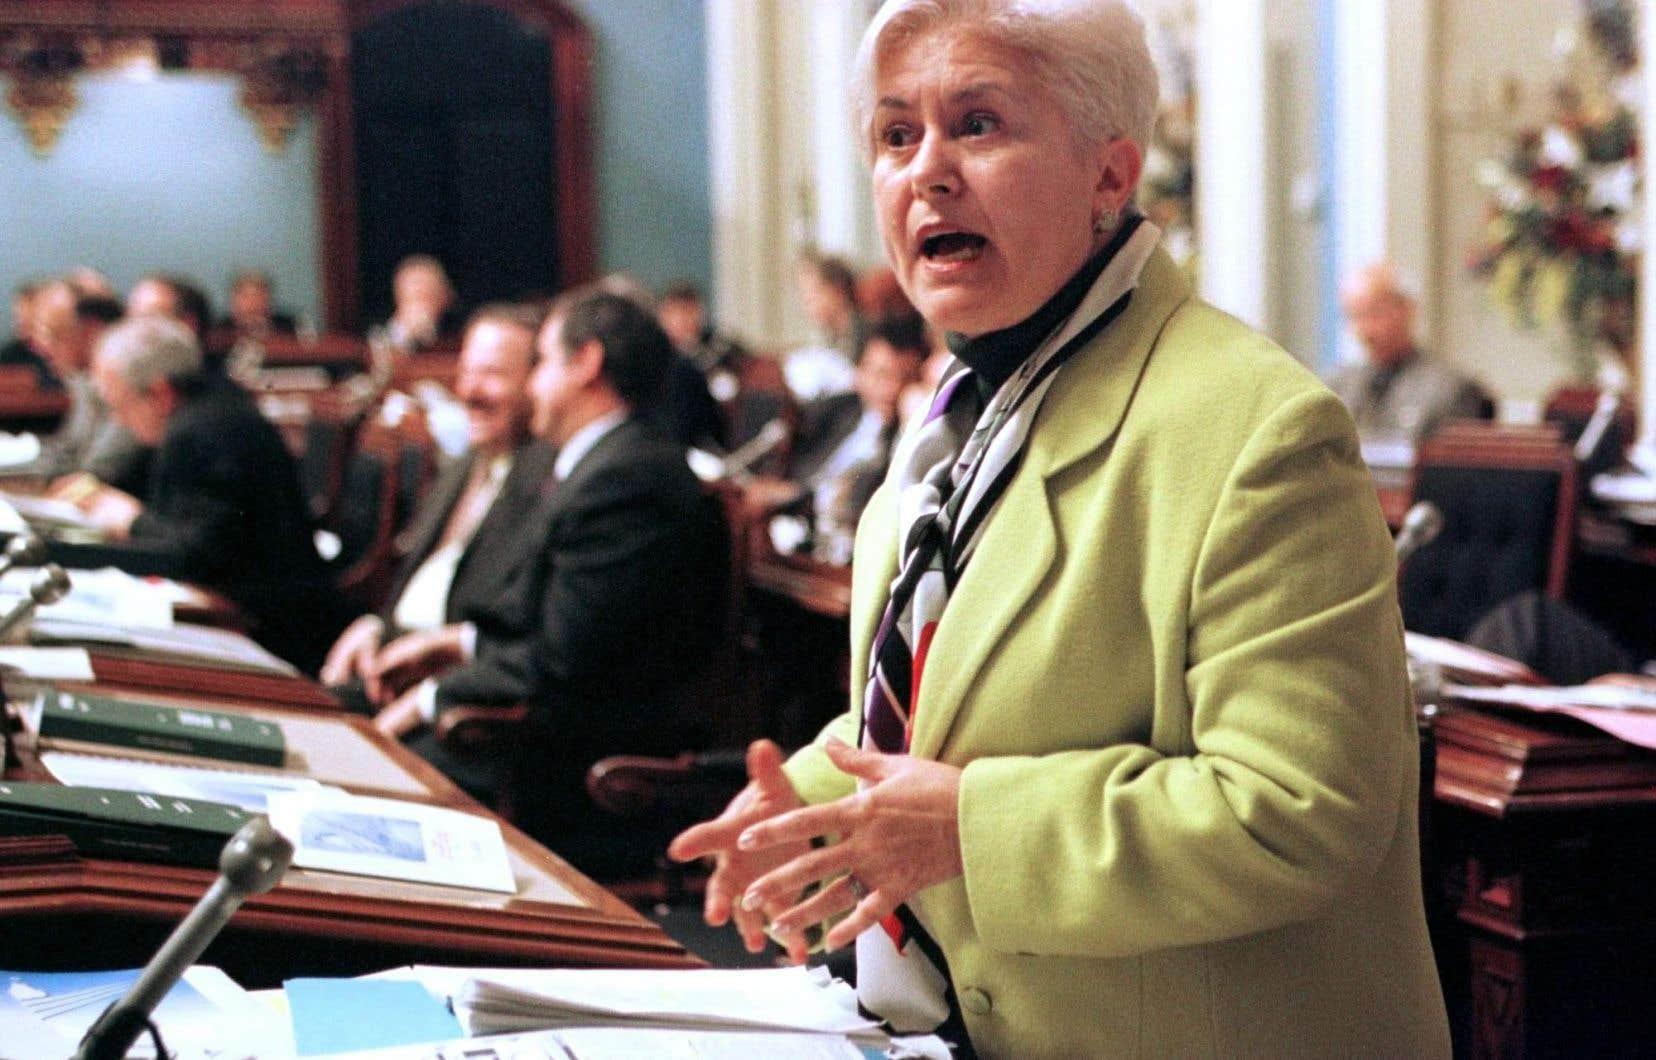 Louise Harel photographiée en décembre 2000, alors ministre des Affaires municipales et de la Métropole. «Élue à l'élection de 1981, je suis de la génération qui a pu compter sur la présence modeste mais vigoureuse de femmes à l'Assemblée nationale», écrit-elle.